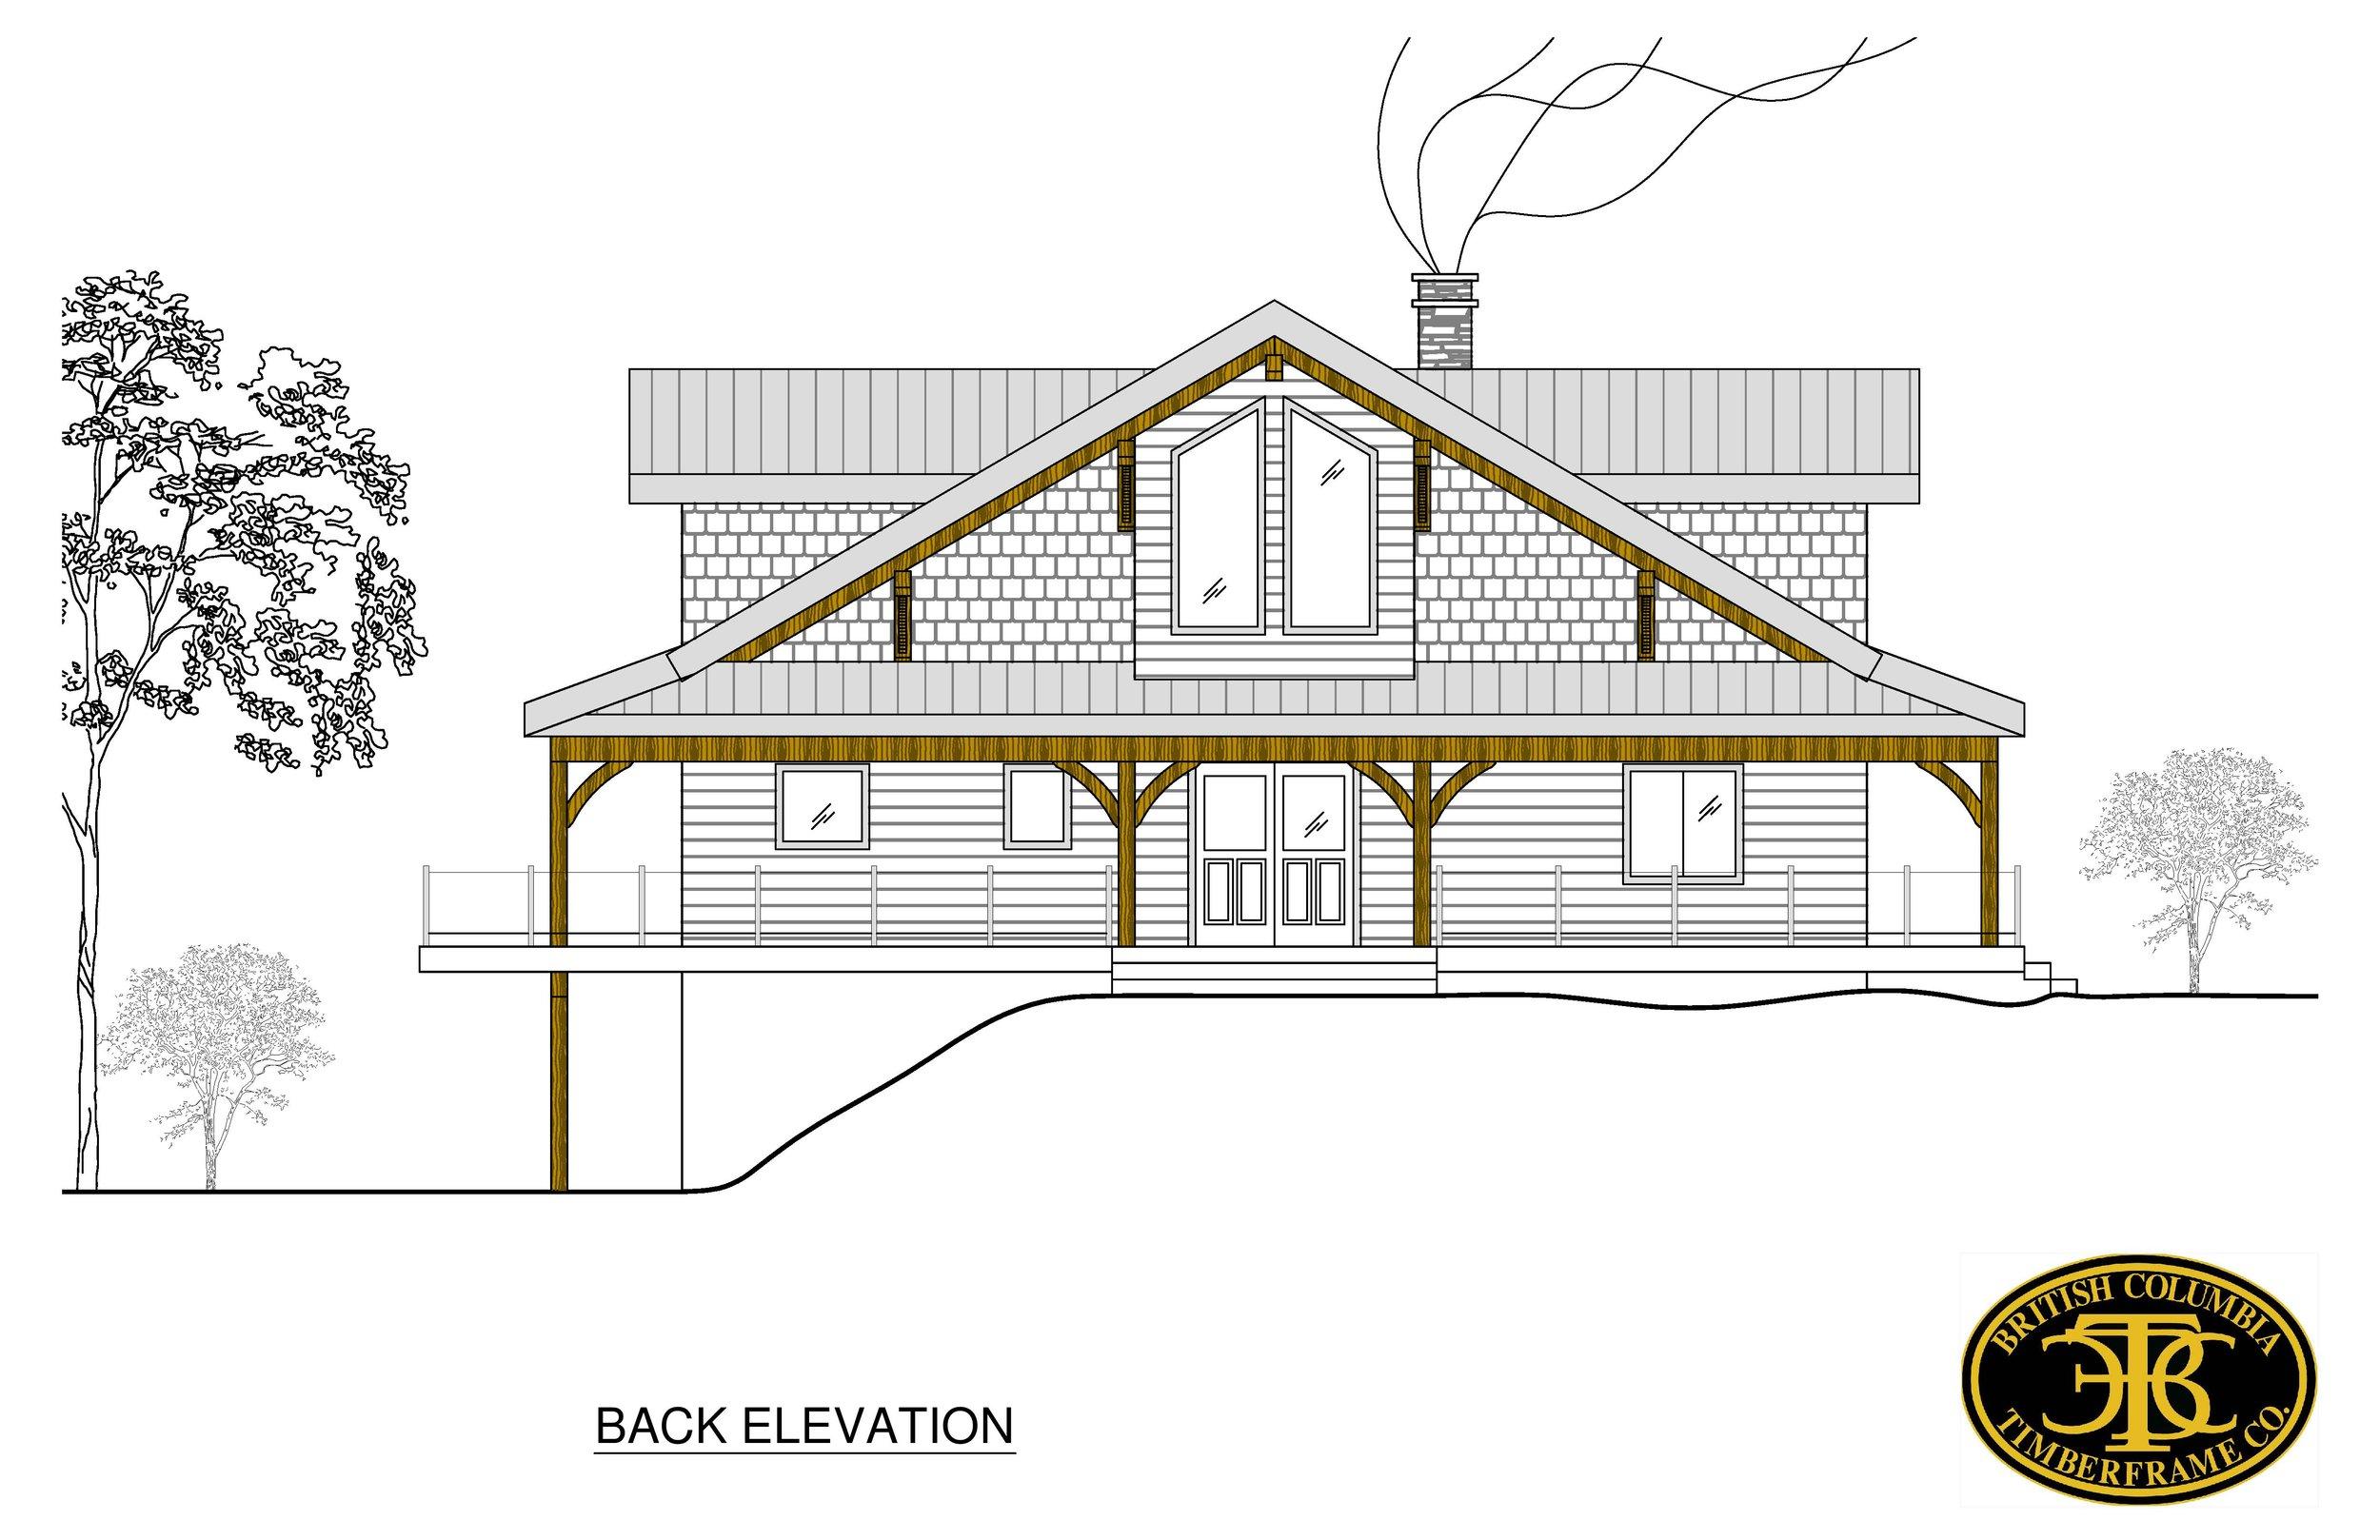 Cranbrook_Back Elevation-page-001.jpg